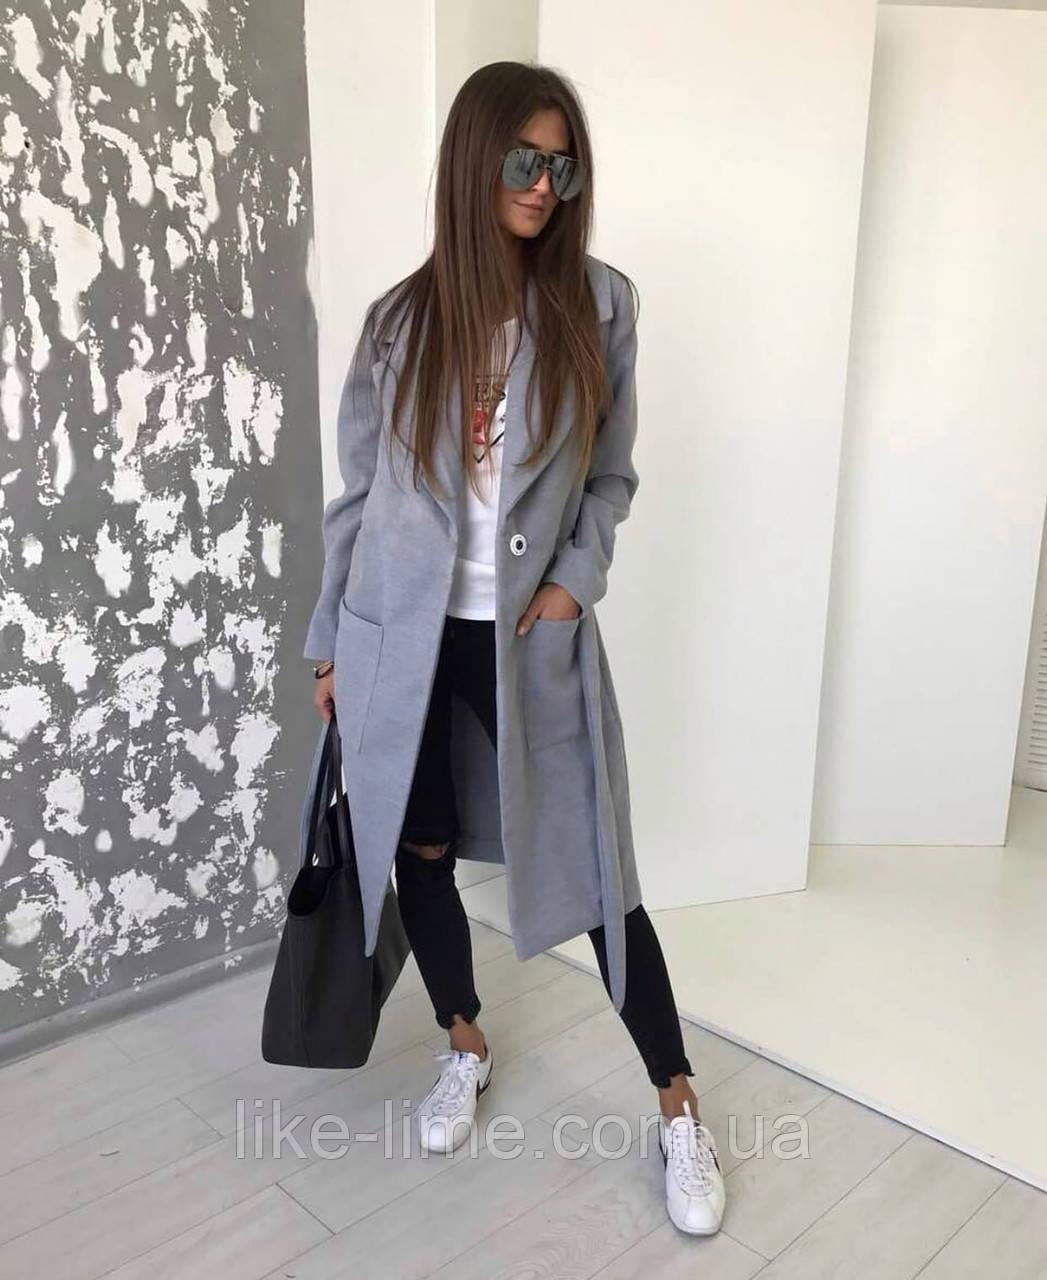 Женское красивое пальто